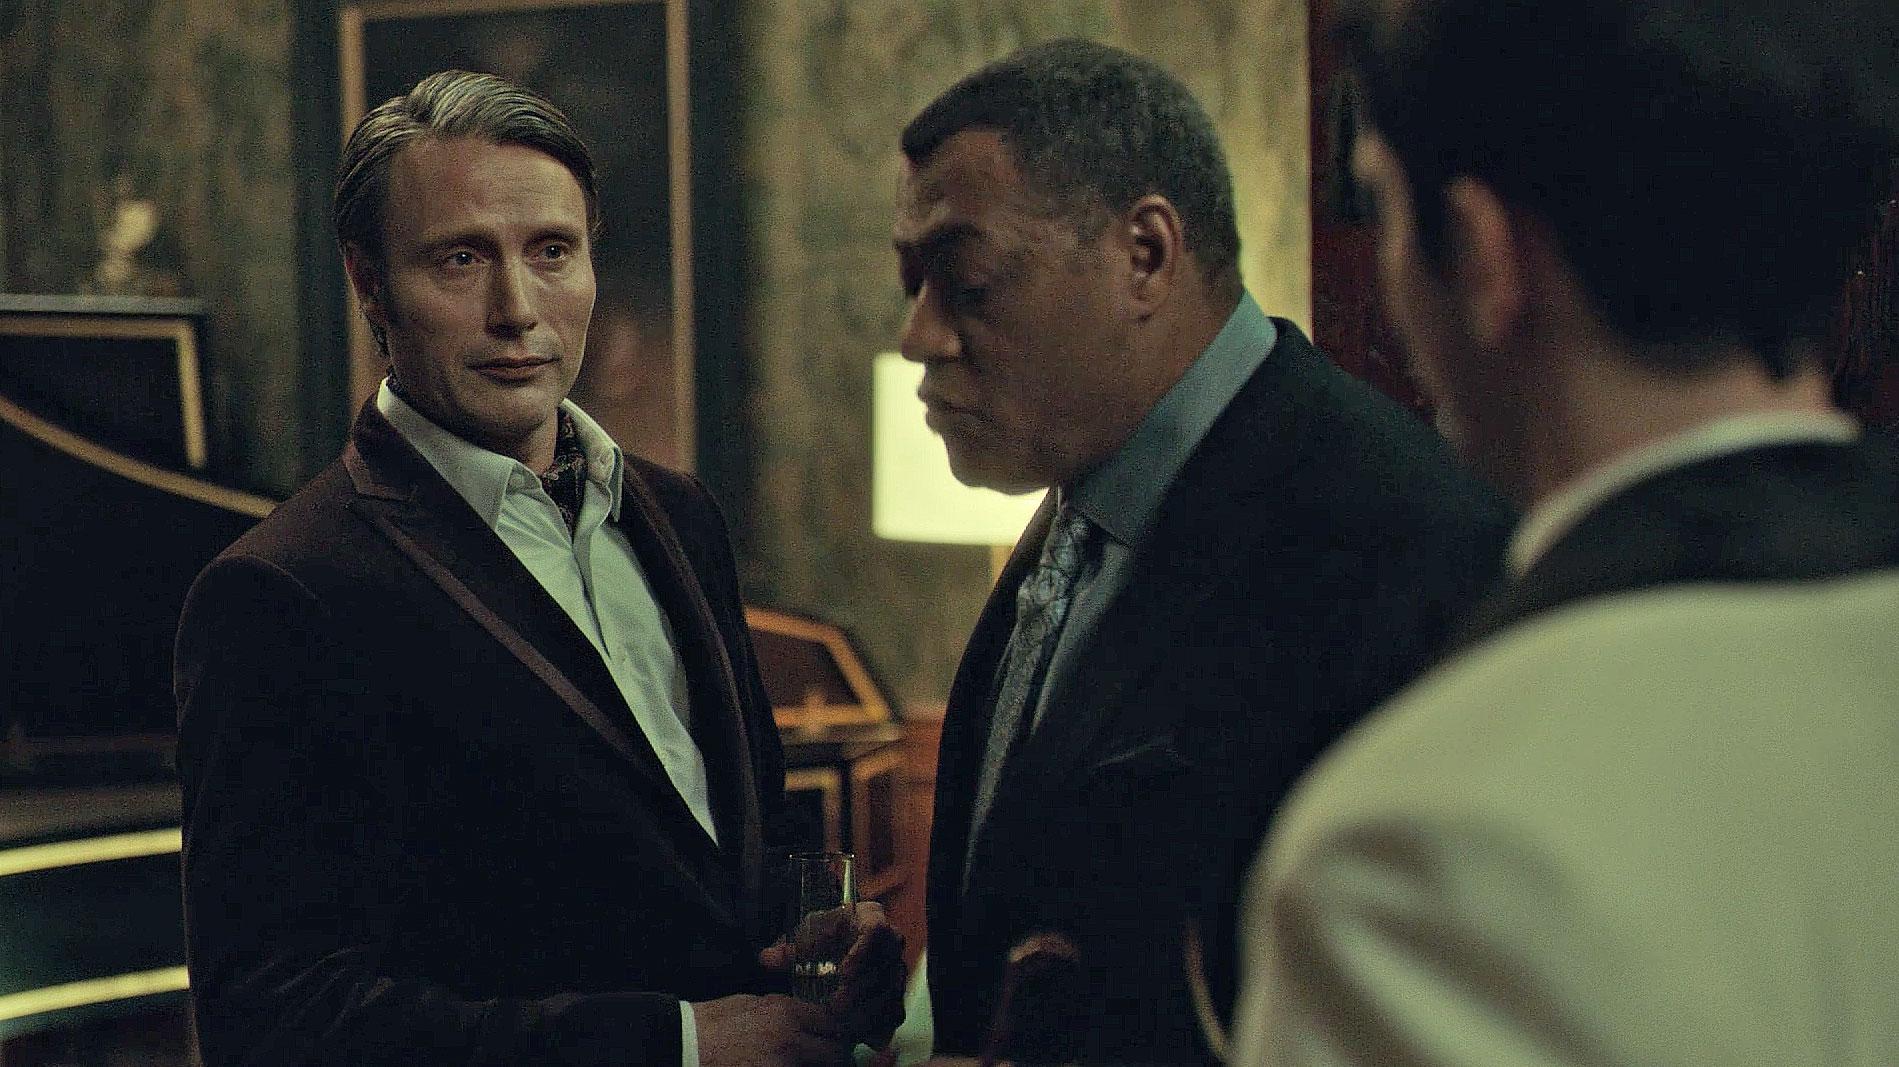 Hannibal in a velvet dinner jacket for a dinner party